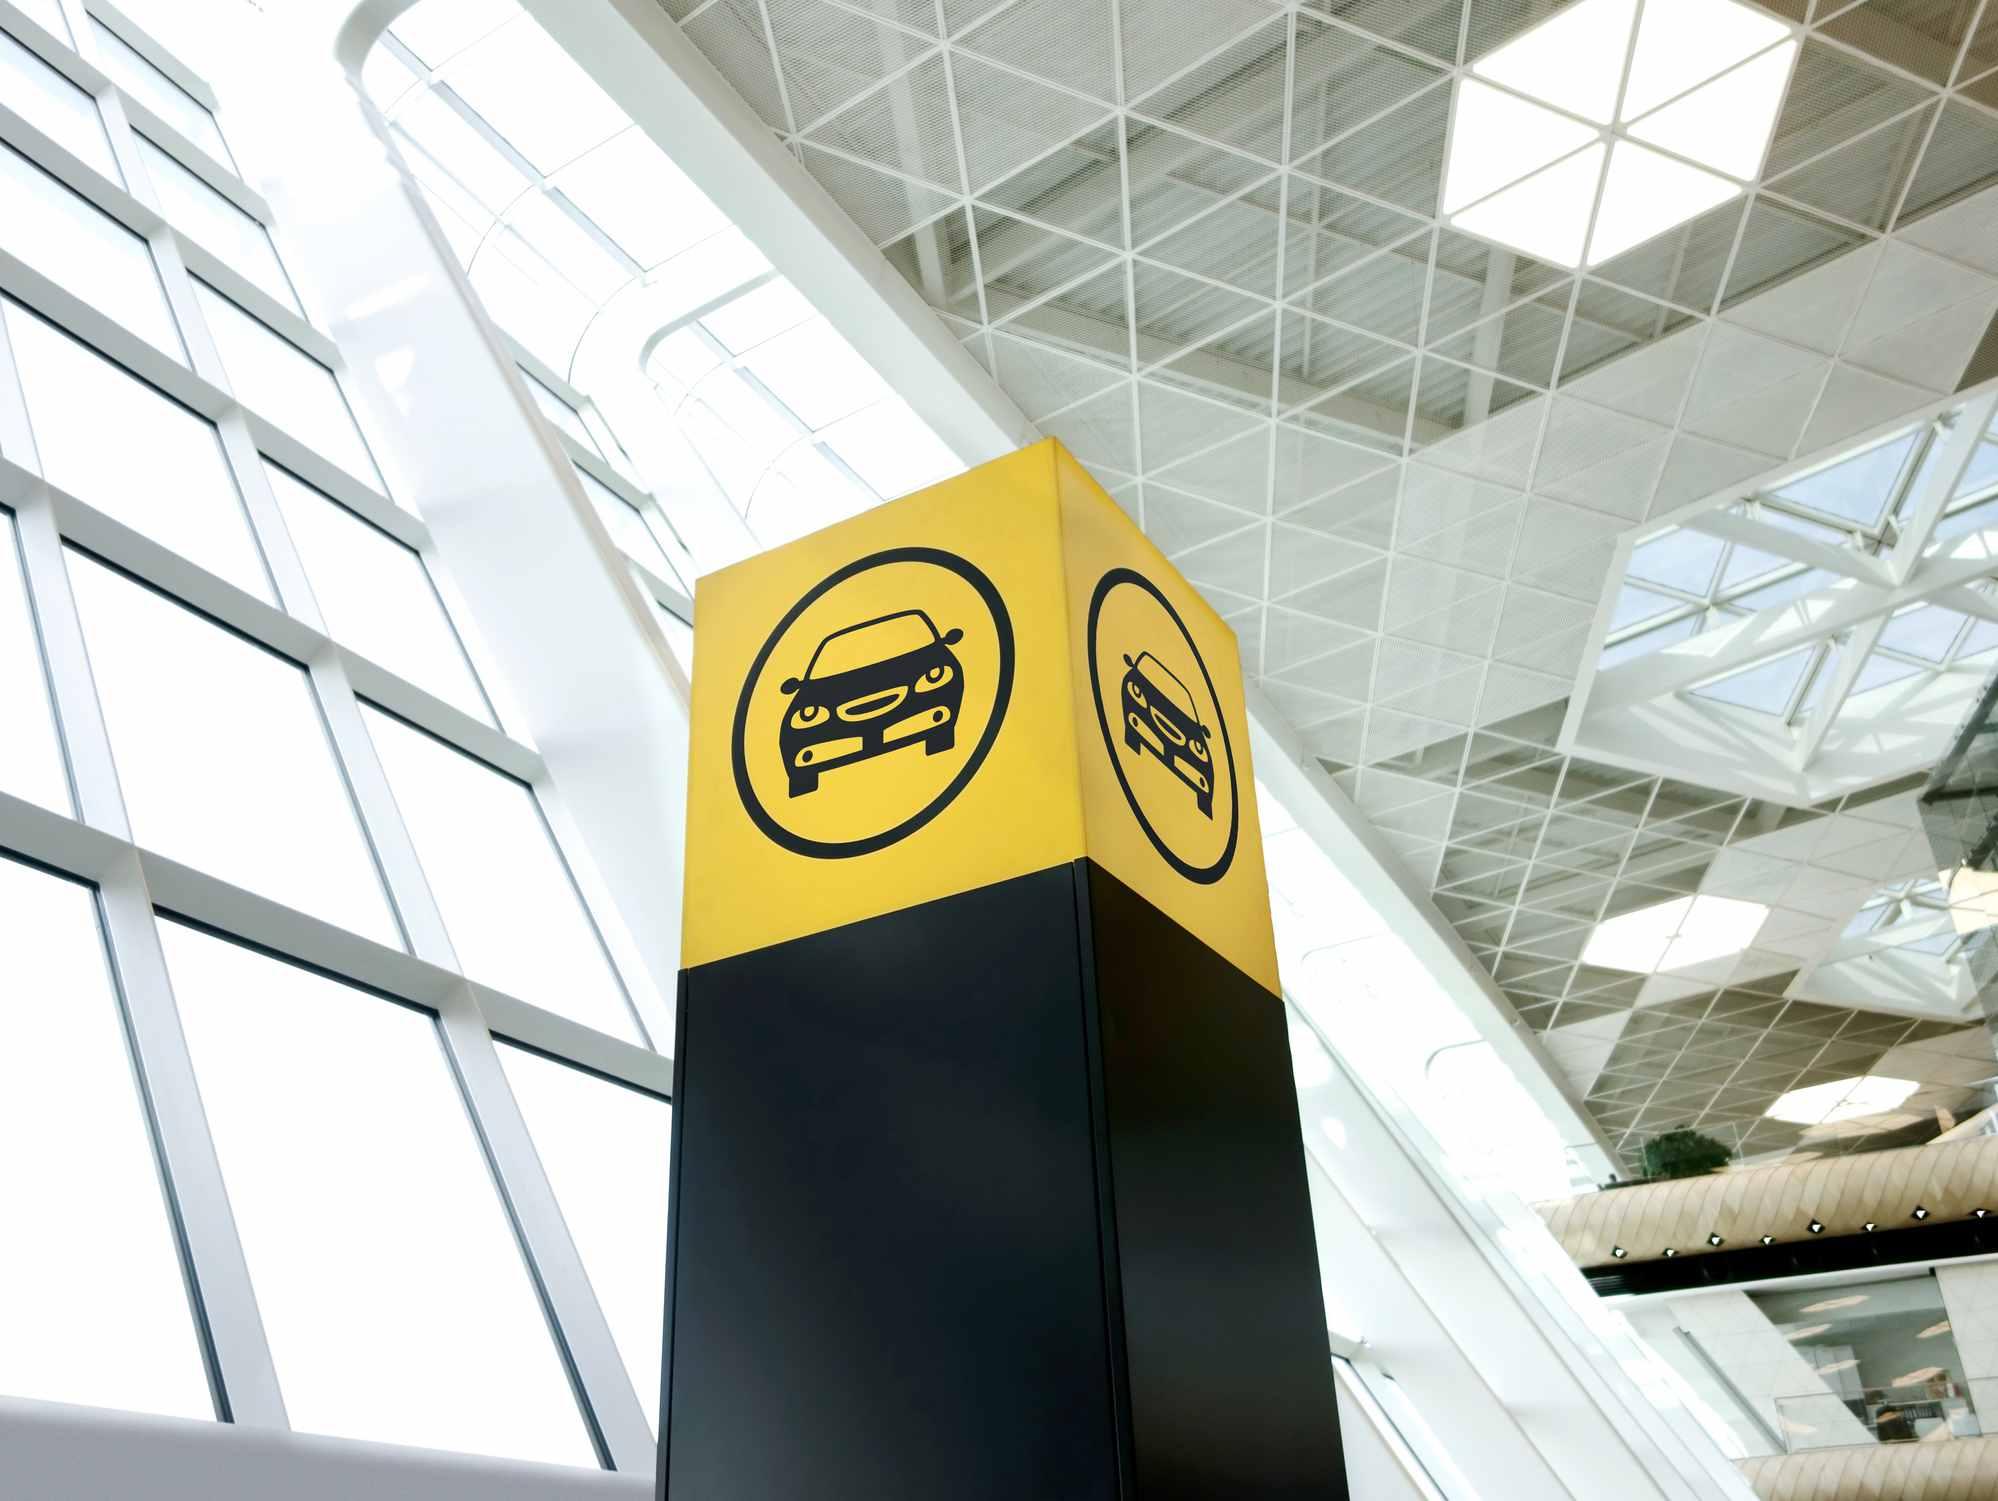 Mostrador de información de alquiler de vehículos en el aeropuerto